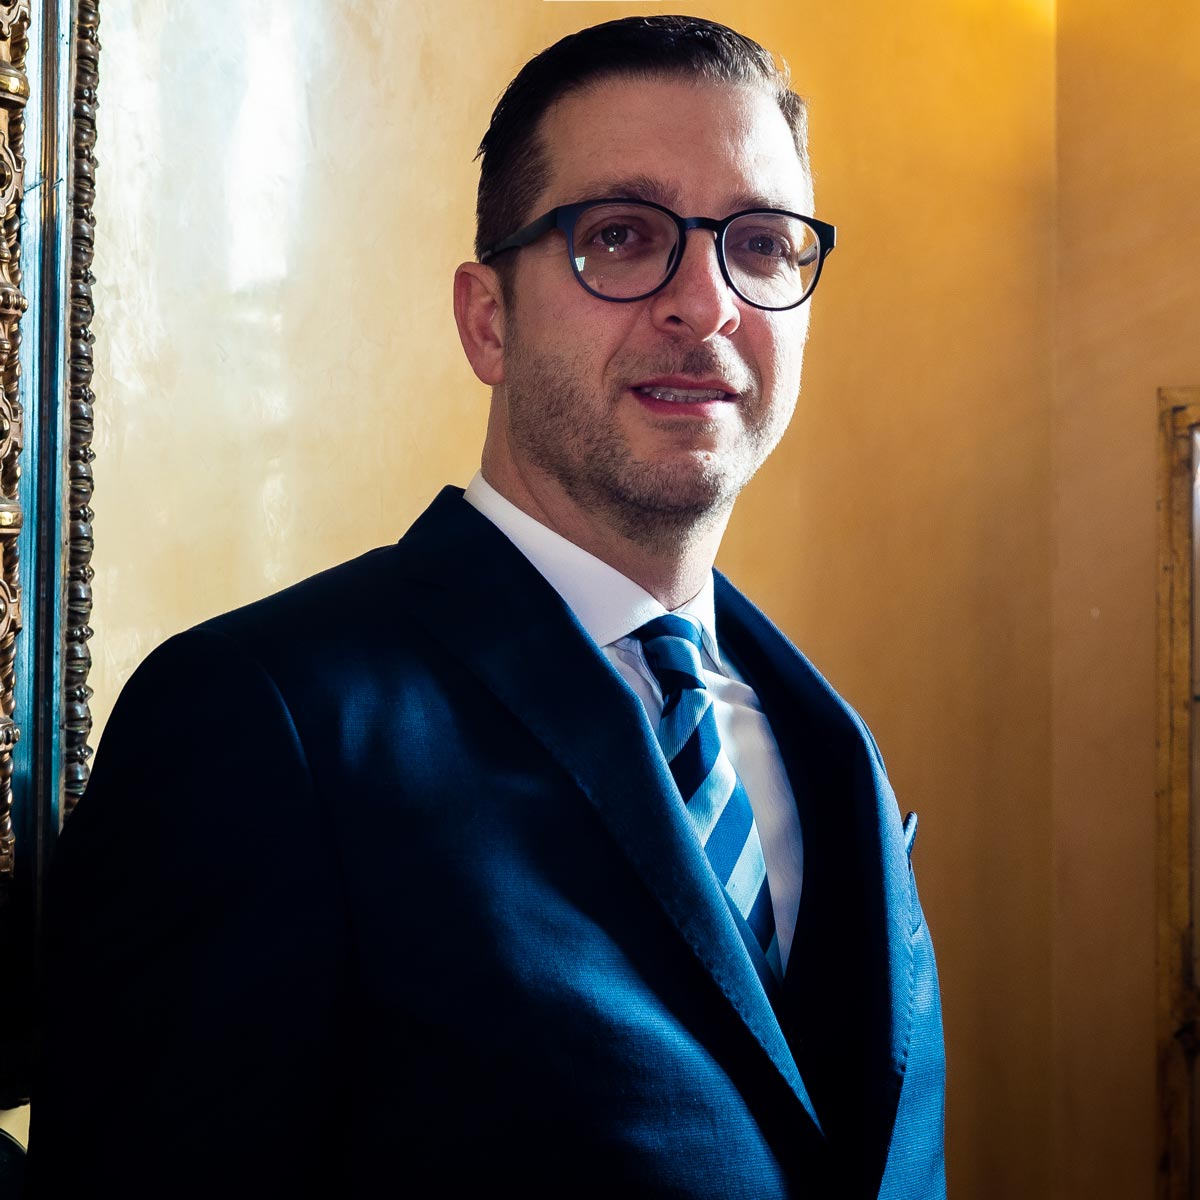 consulenza-societaria-aziendale-studio-commercialisti-milano-revisori-legali-1